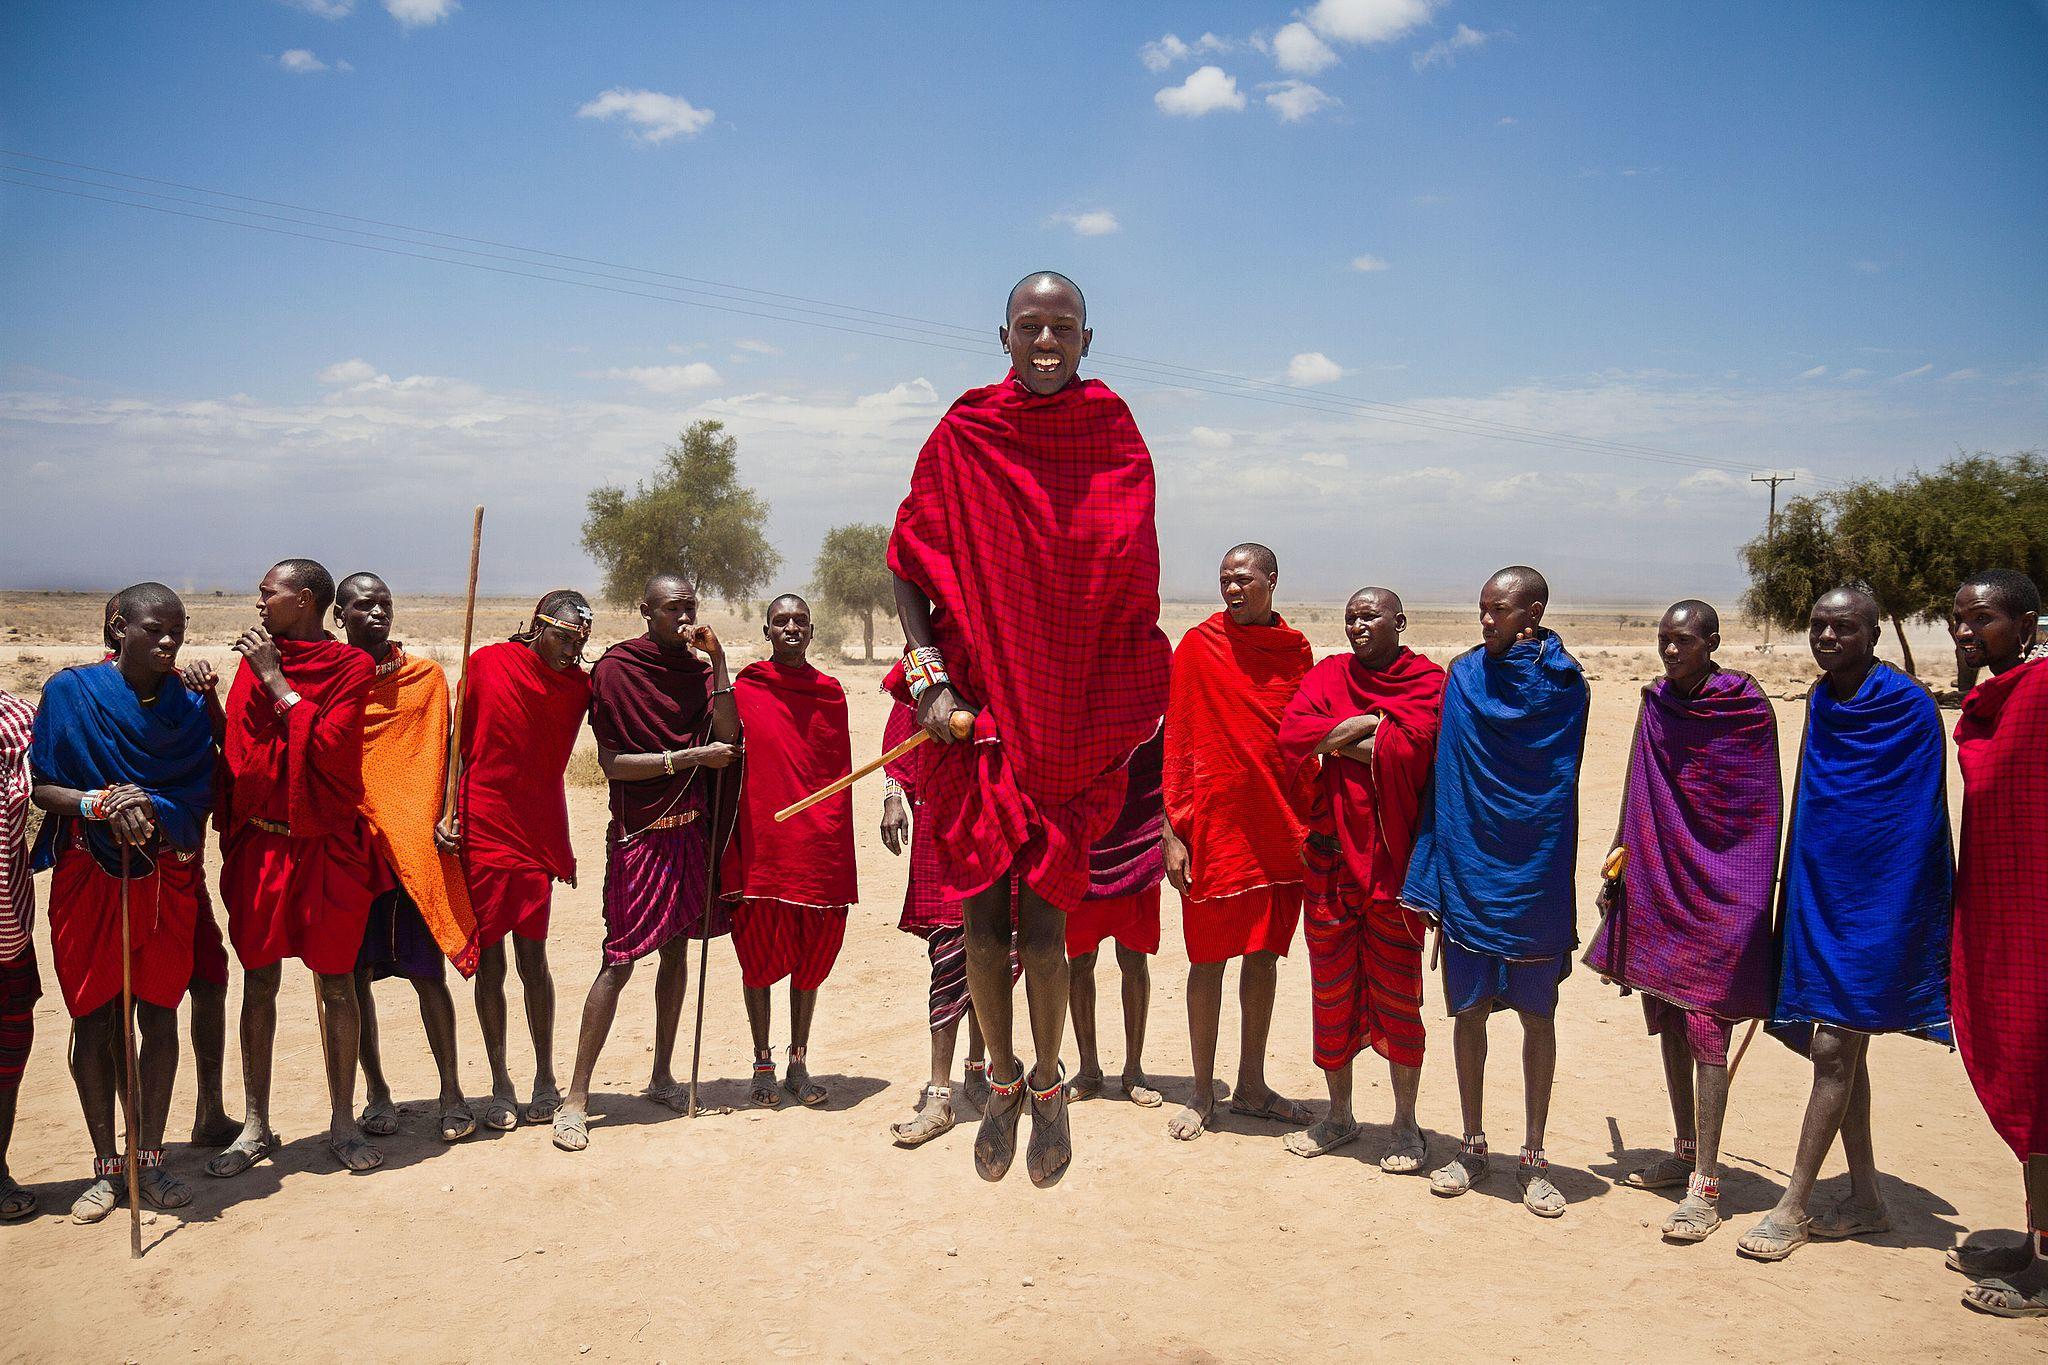 Nairobi Masai Village Day Tours